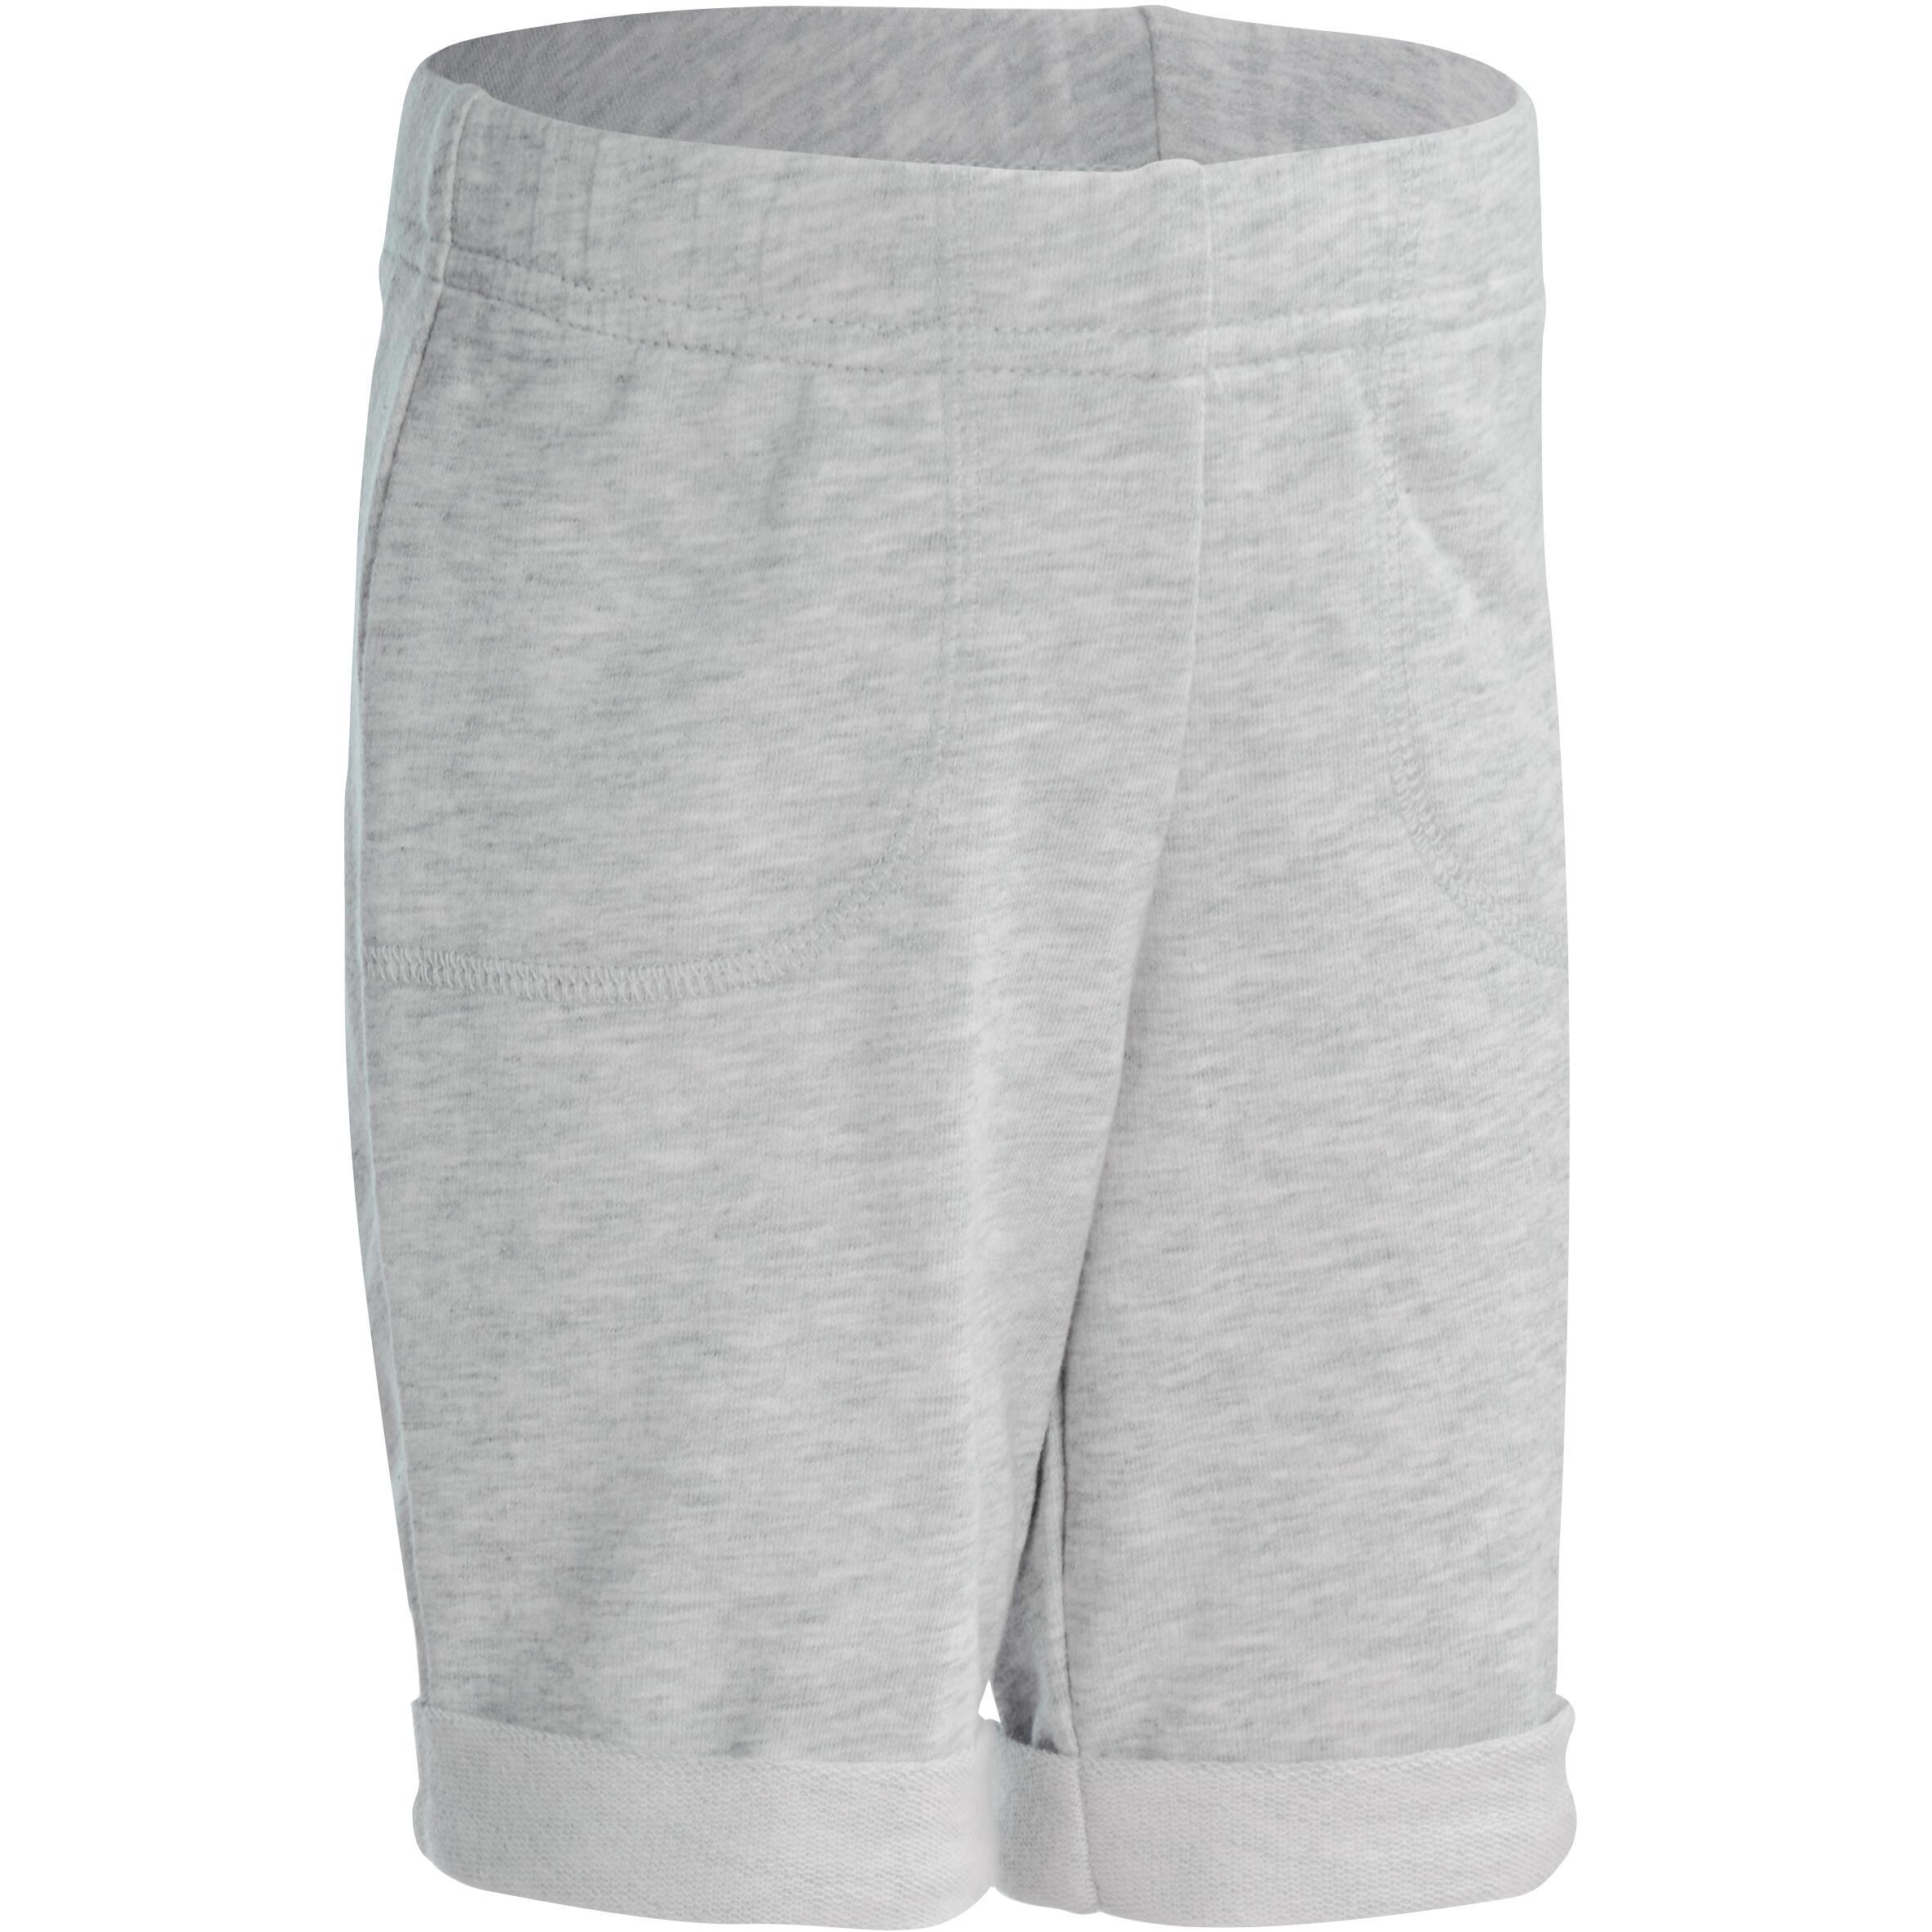 Toddler Gym Shorts - Grey